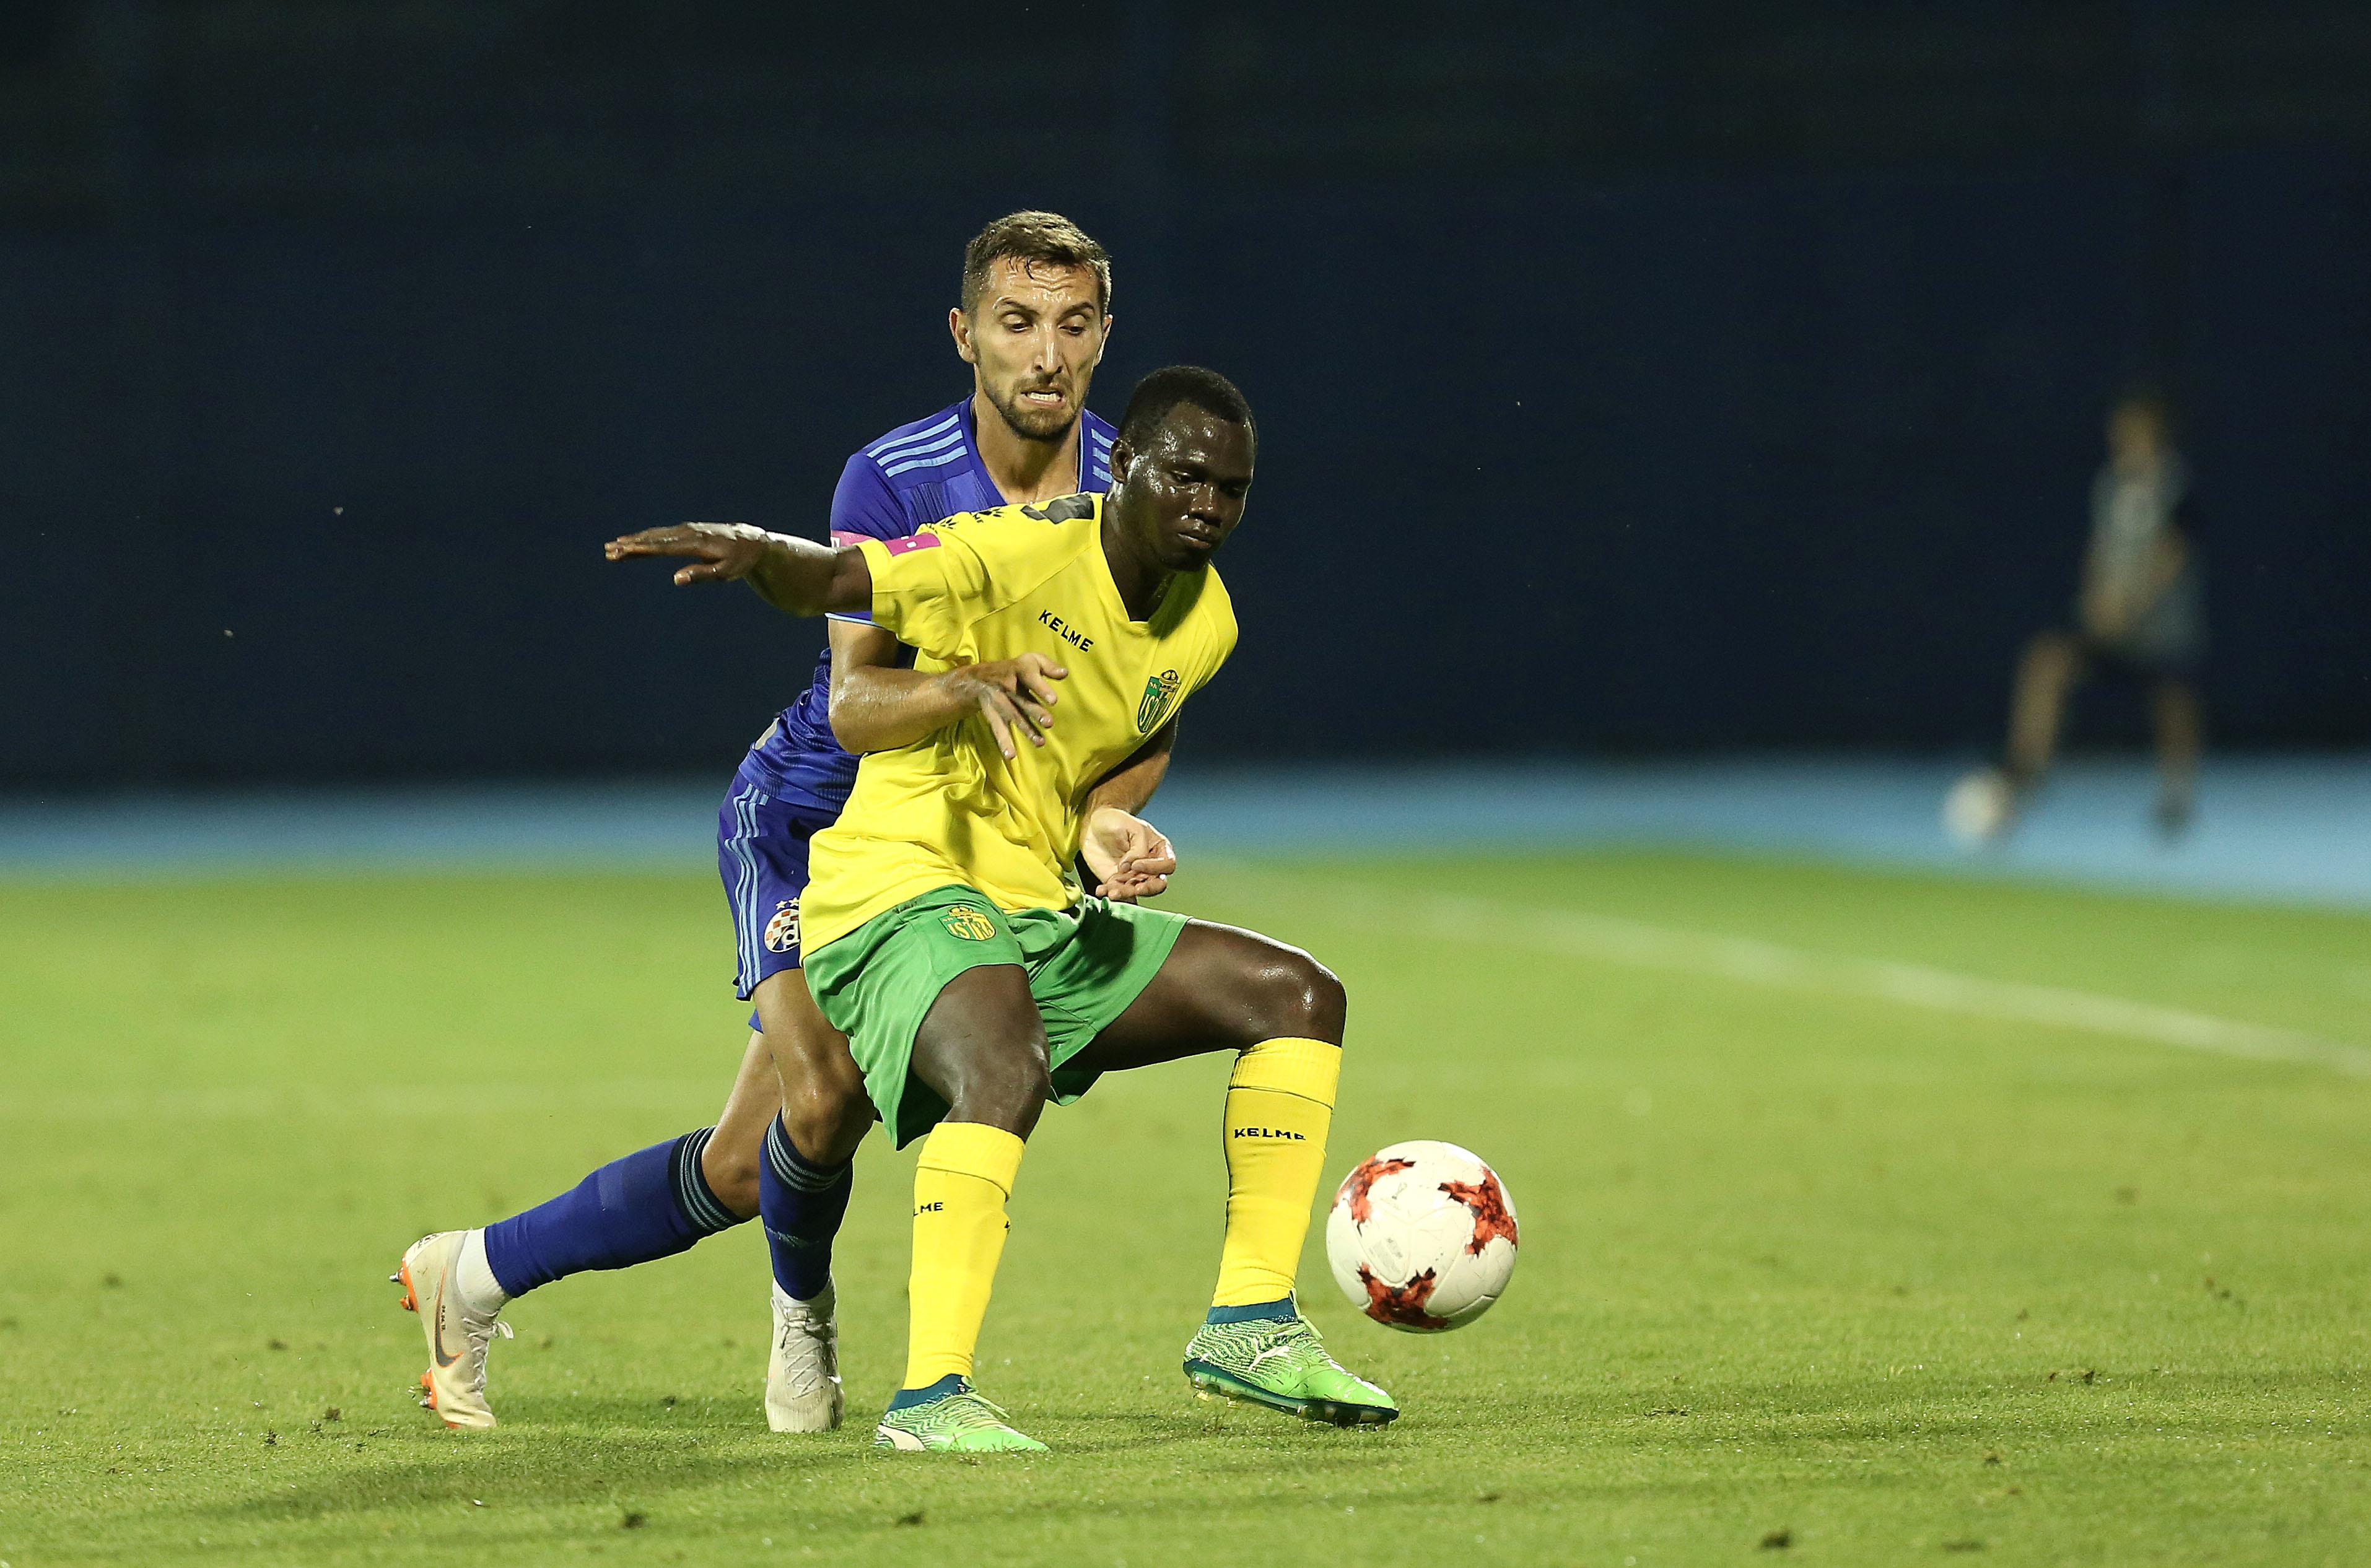 Dinamo uvjerljiv protiv Istre za prvu pobjedu